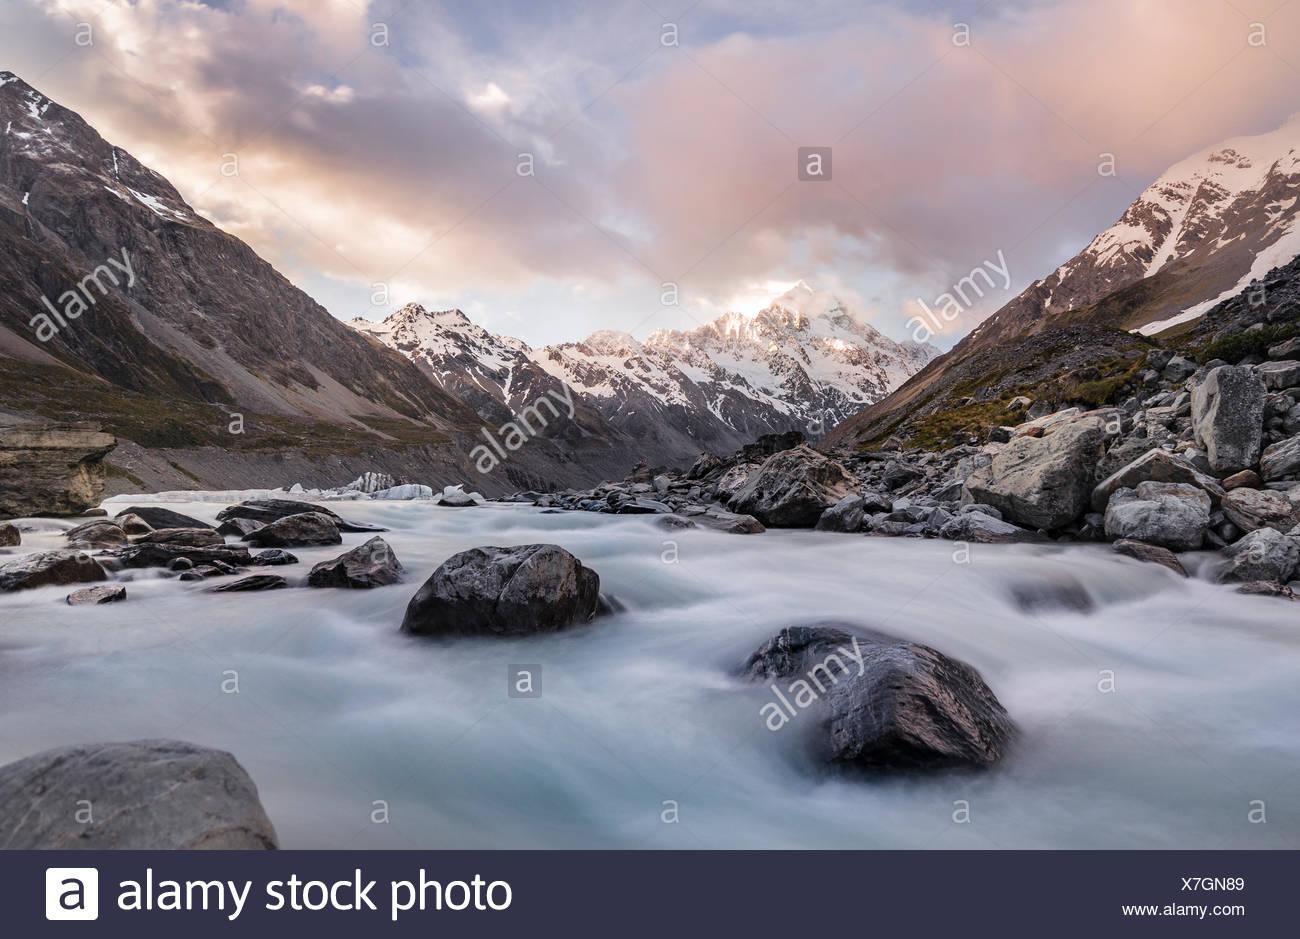 Río Hooker, Hooker Valley, parte trasera del Monte Cook, el Parque Nacional de Monte Cook, Alpes del Sur, la región de Canterbury, Southland, Nueva Zelanda Imagen De Stock